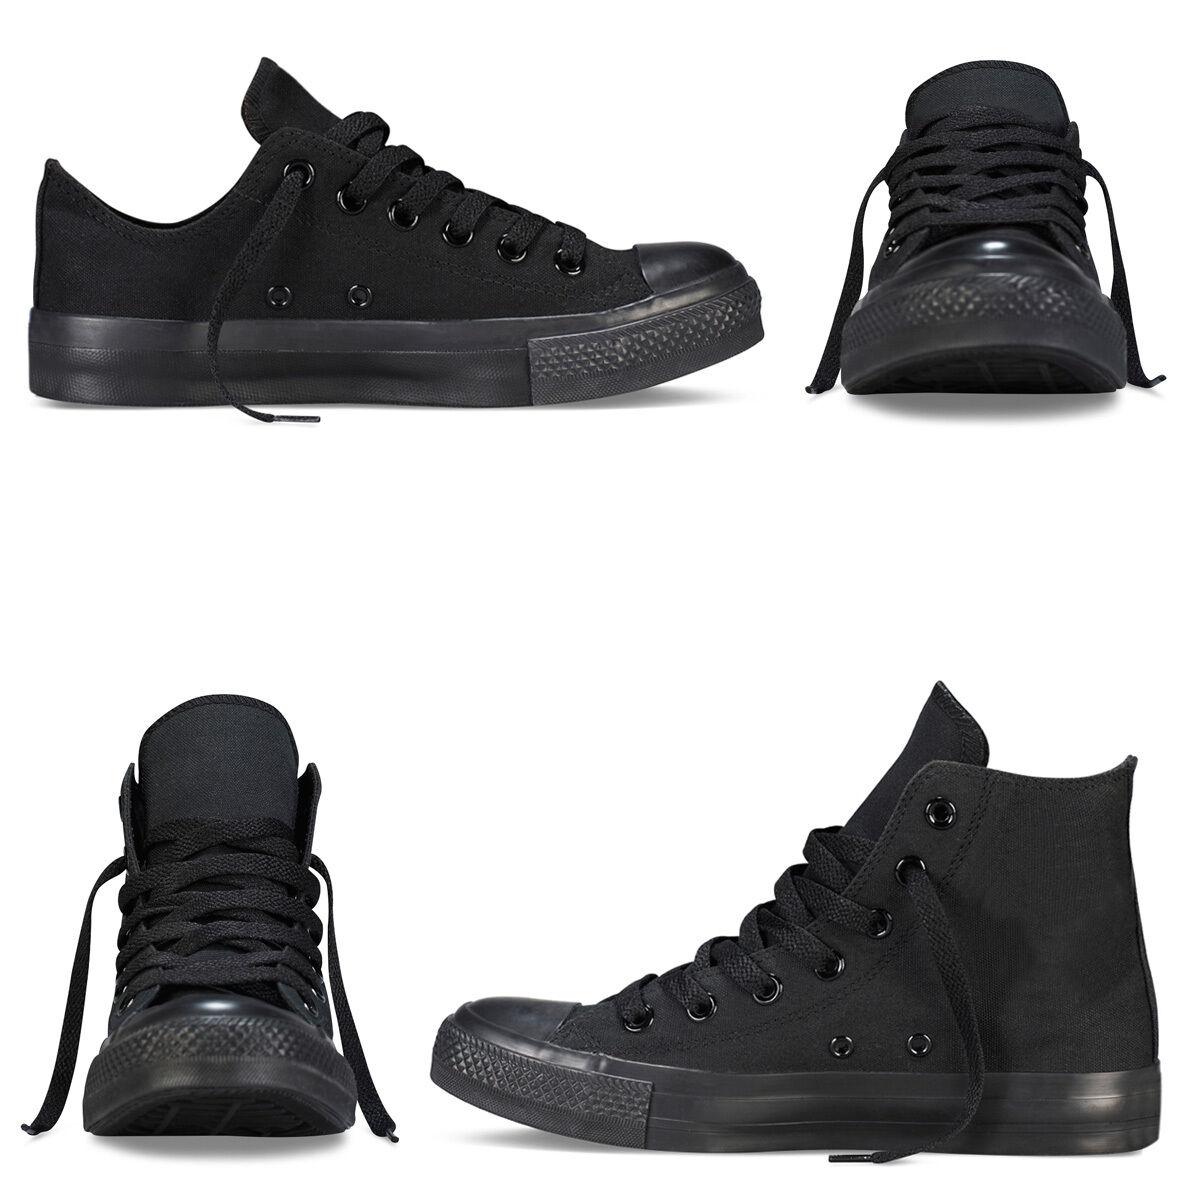 Scarpe Da Ginnastica Total Black Uomo Donna Sneakers Alte Basse Casual Nere